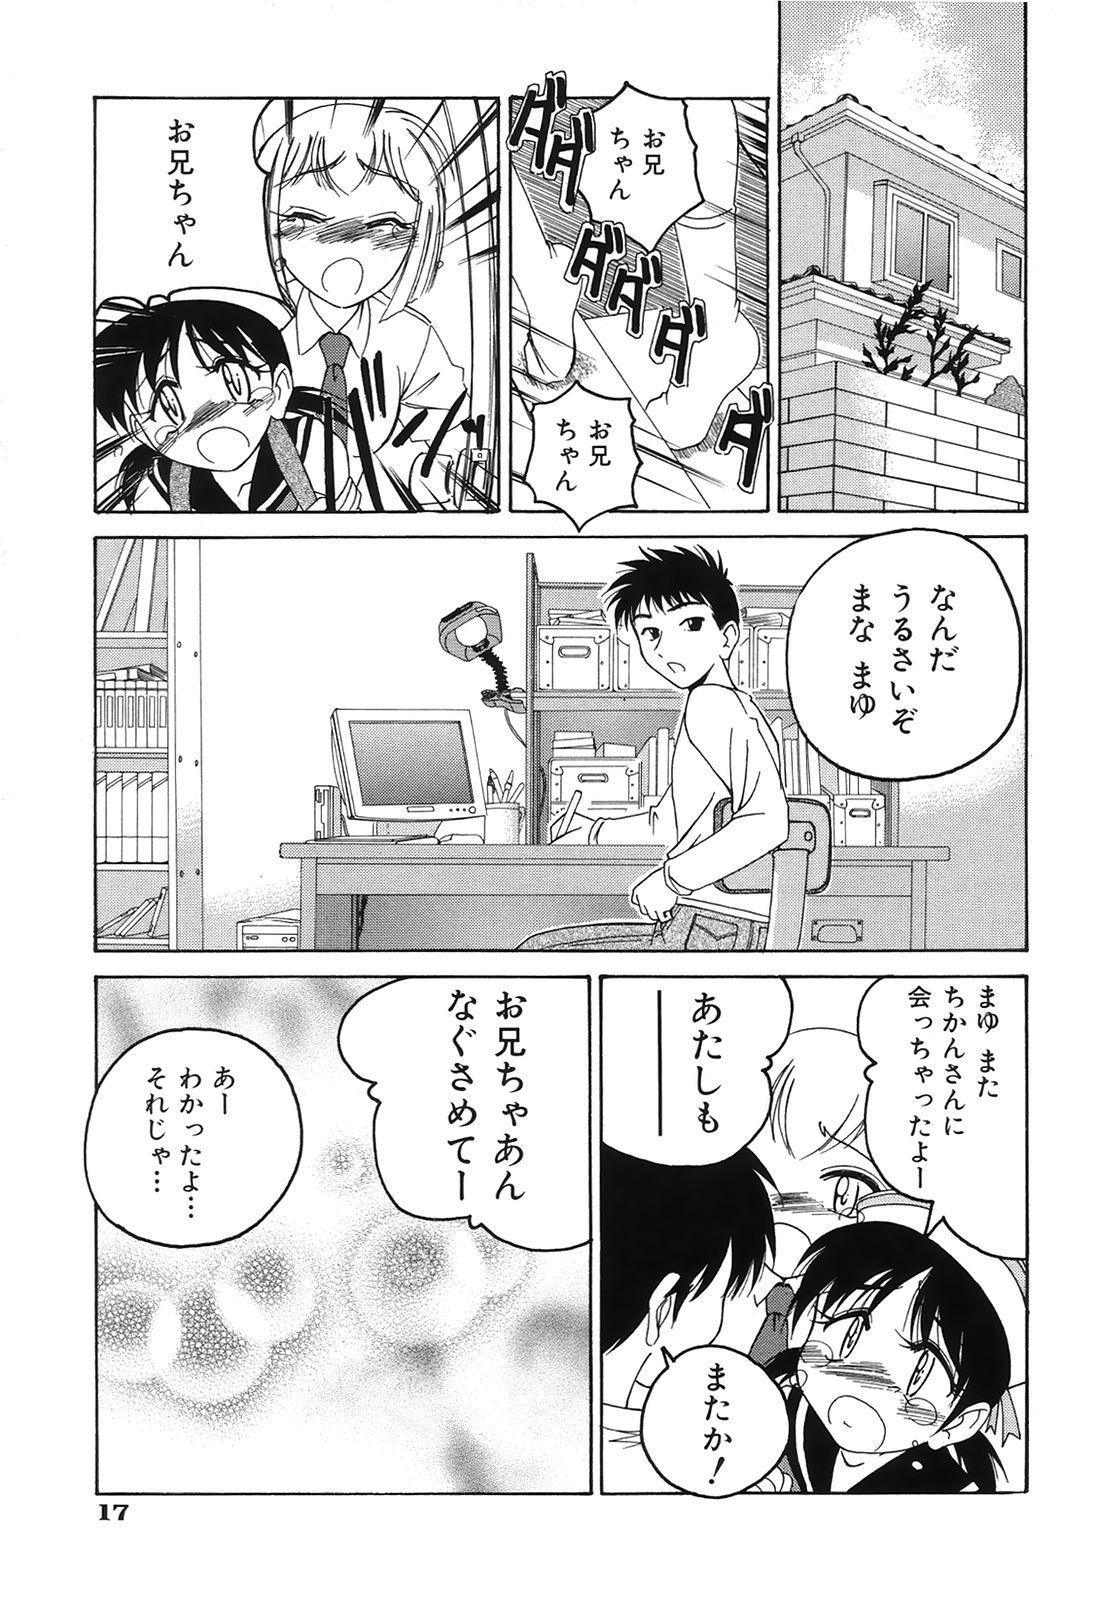 Omake No Musume 19